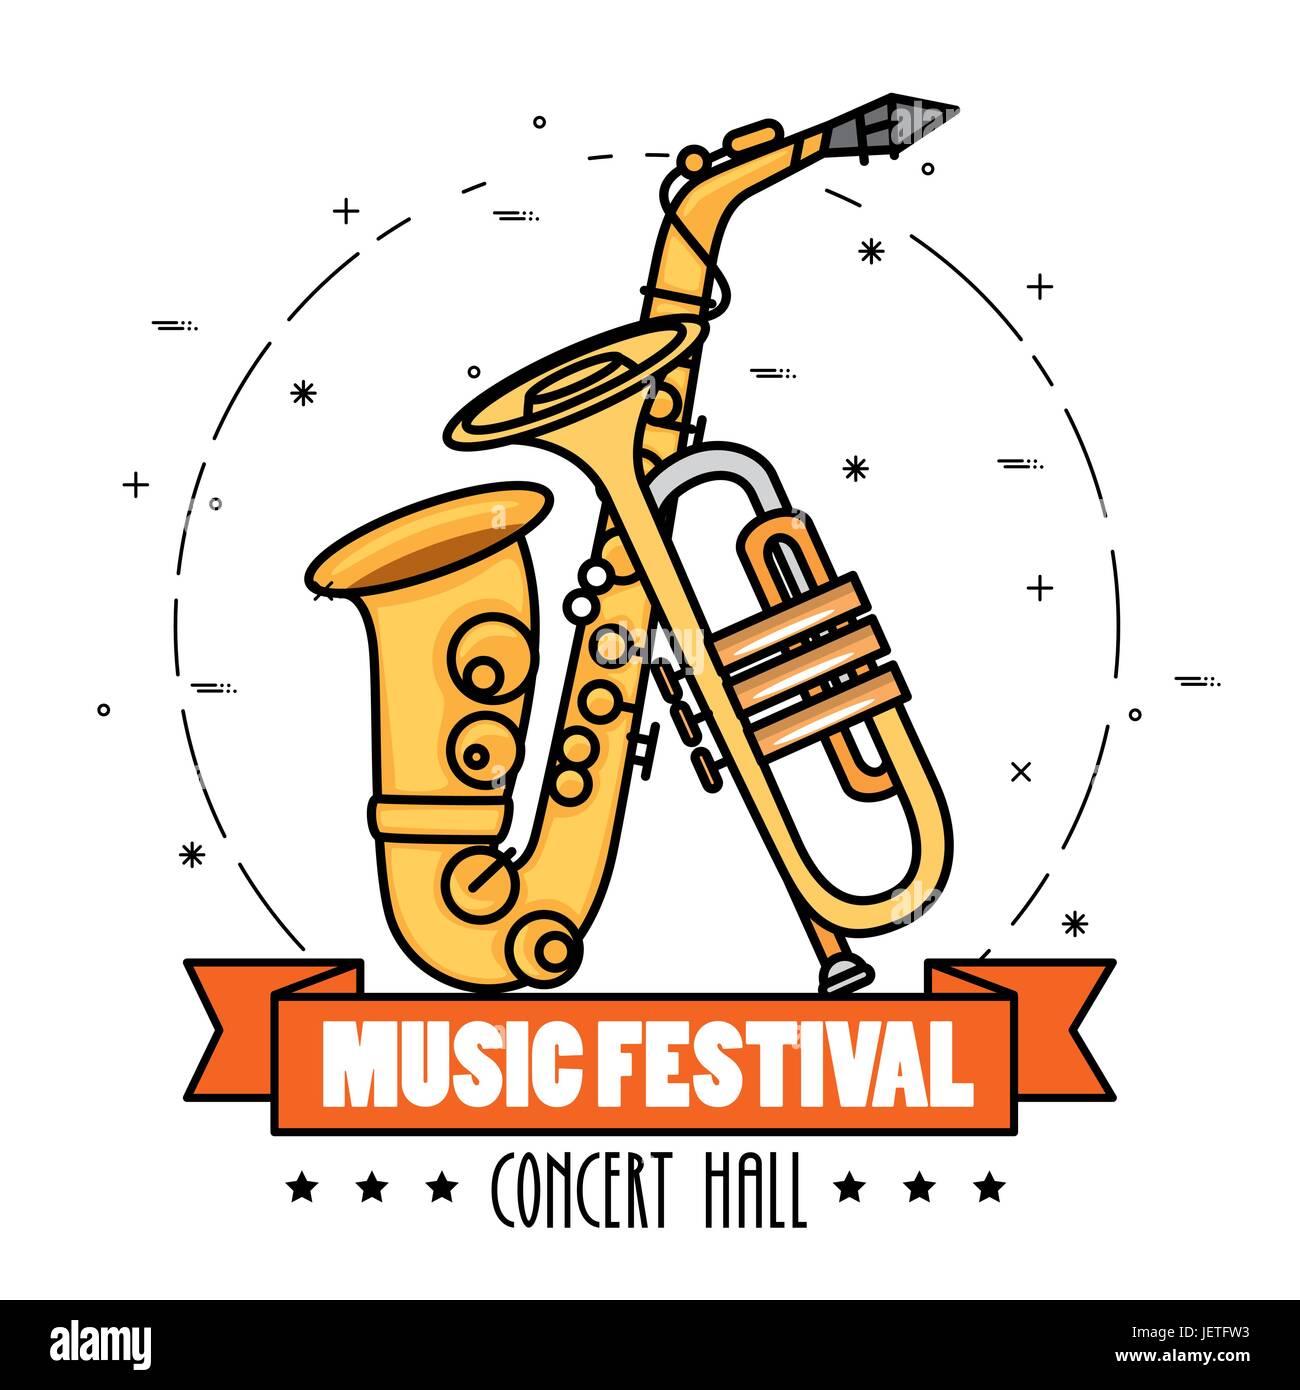 banner music festival live - Stock Image